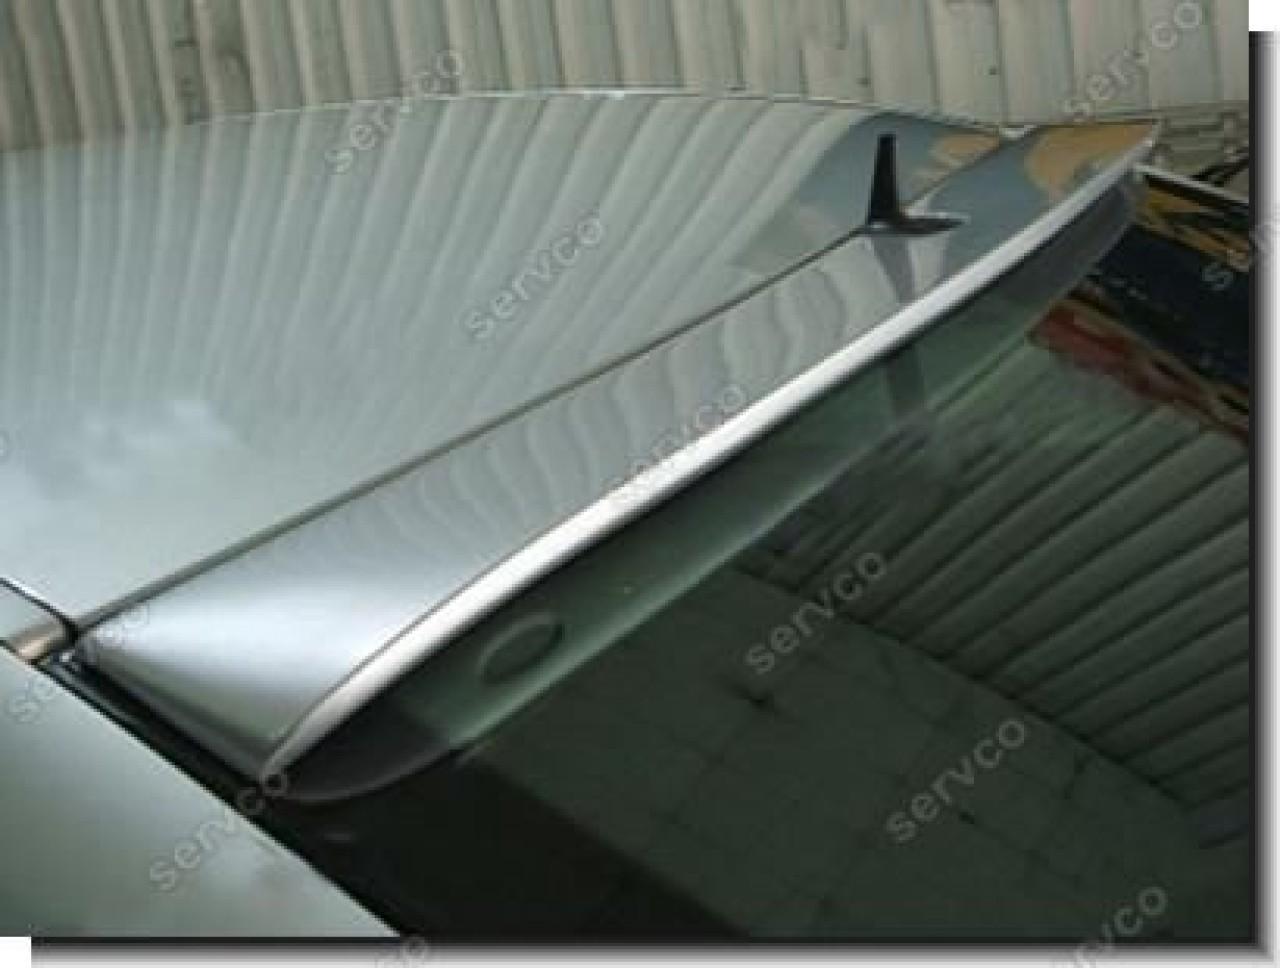 Eleron luneta Mercedes W219 CLS Class AMG tuning sport 2004-2010 v2